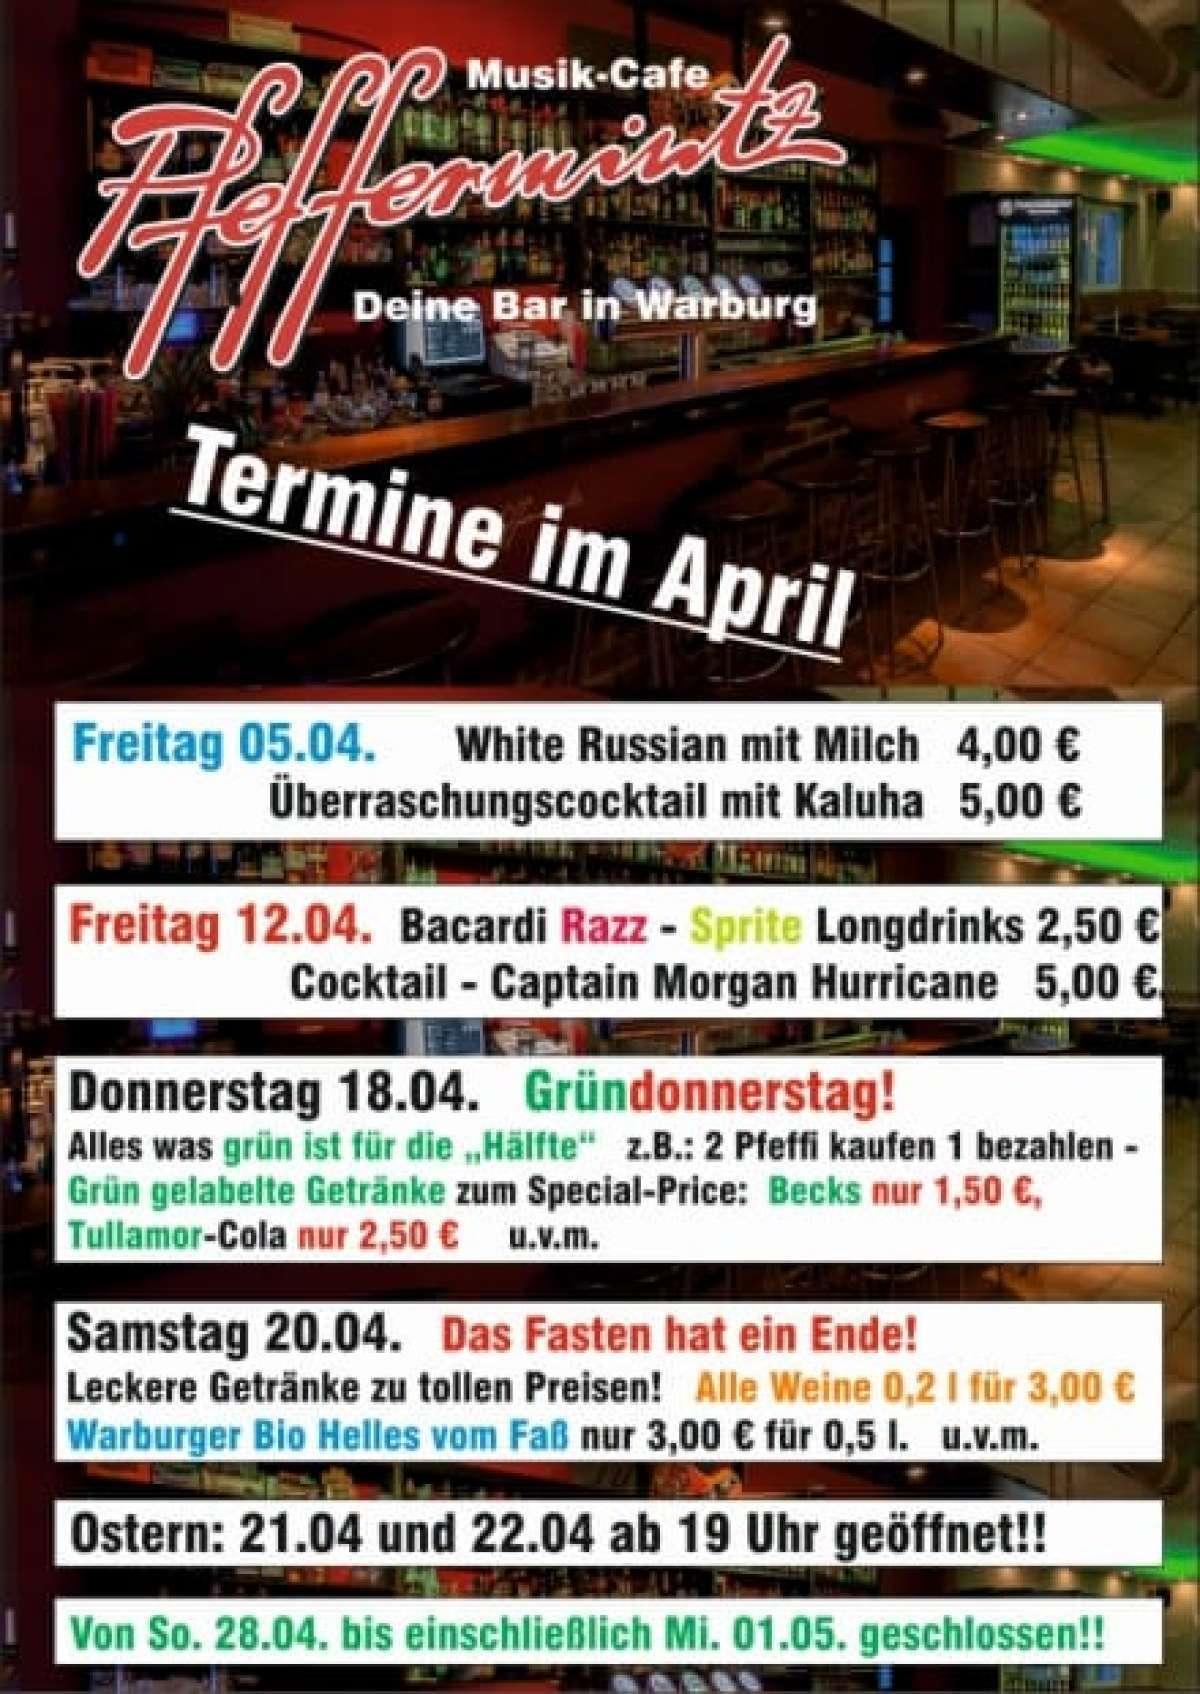 Veranstaltungen & Events am »Montag, 22. April 2019« in deiner Nähe...